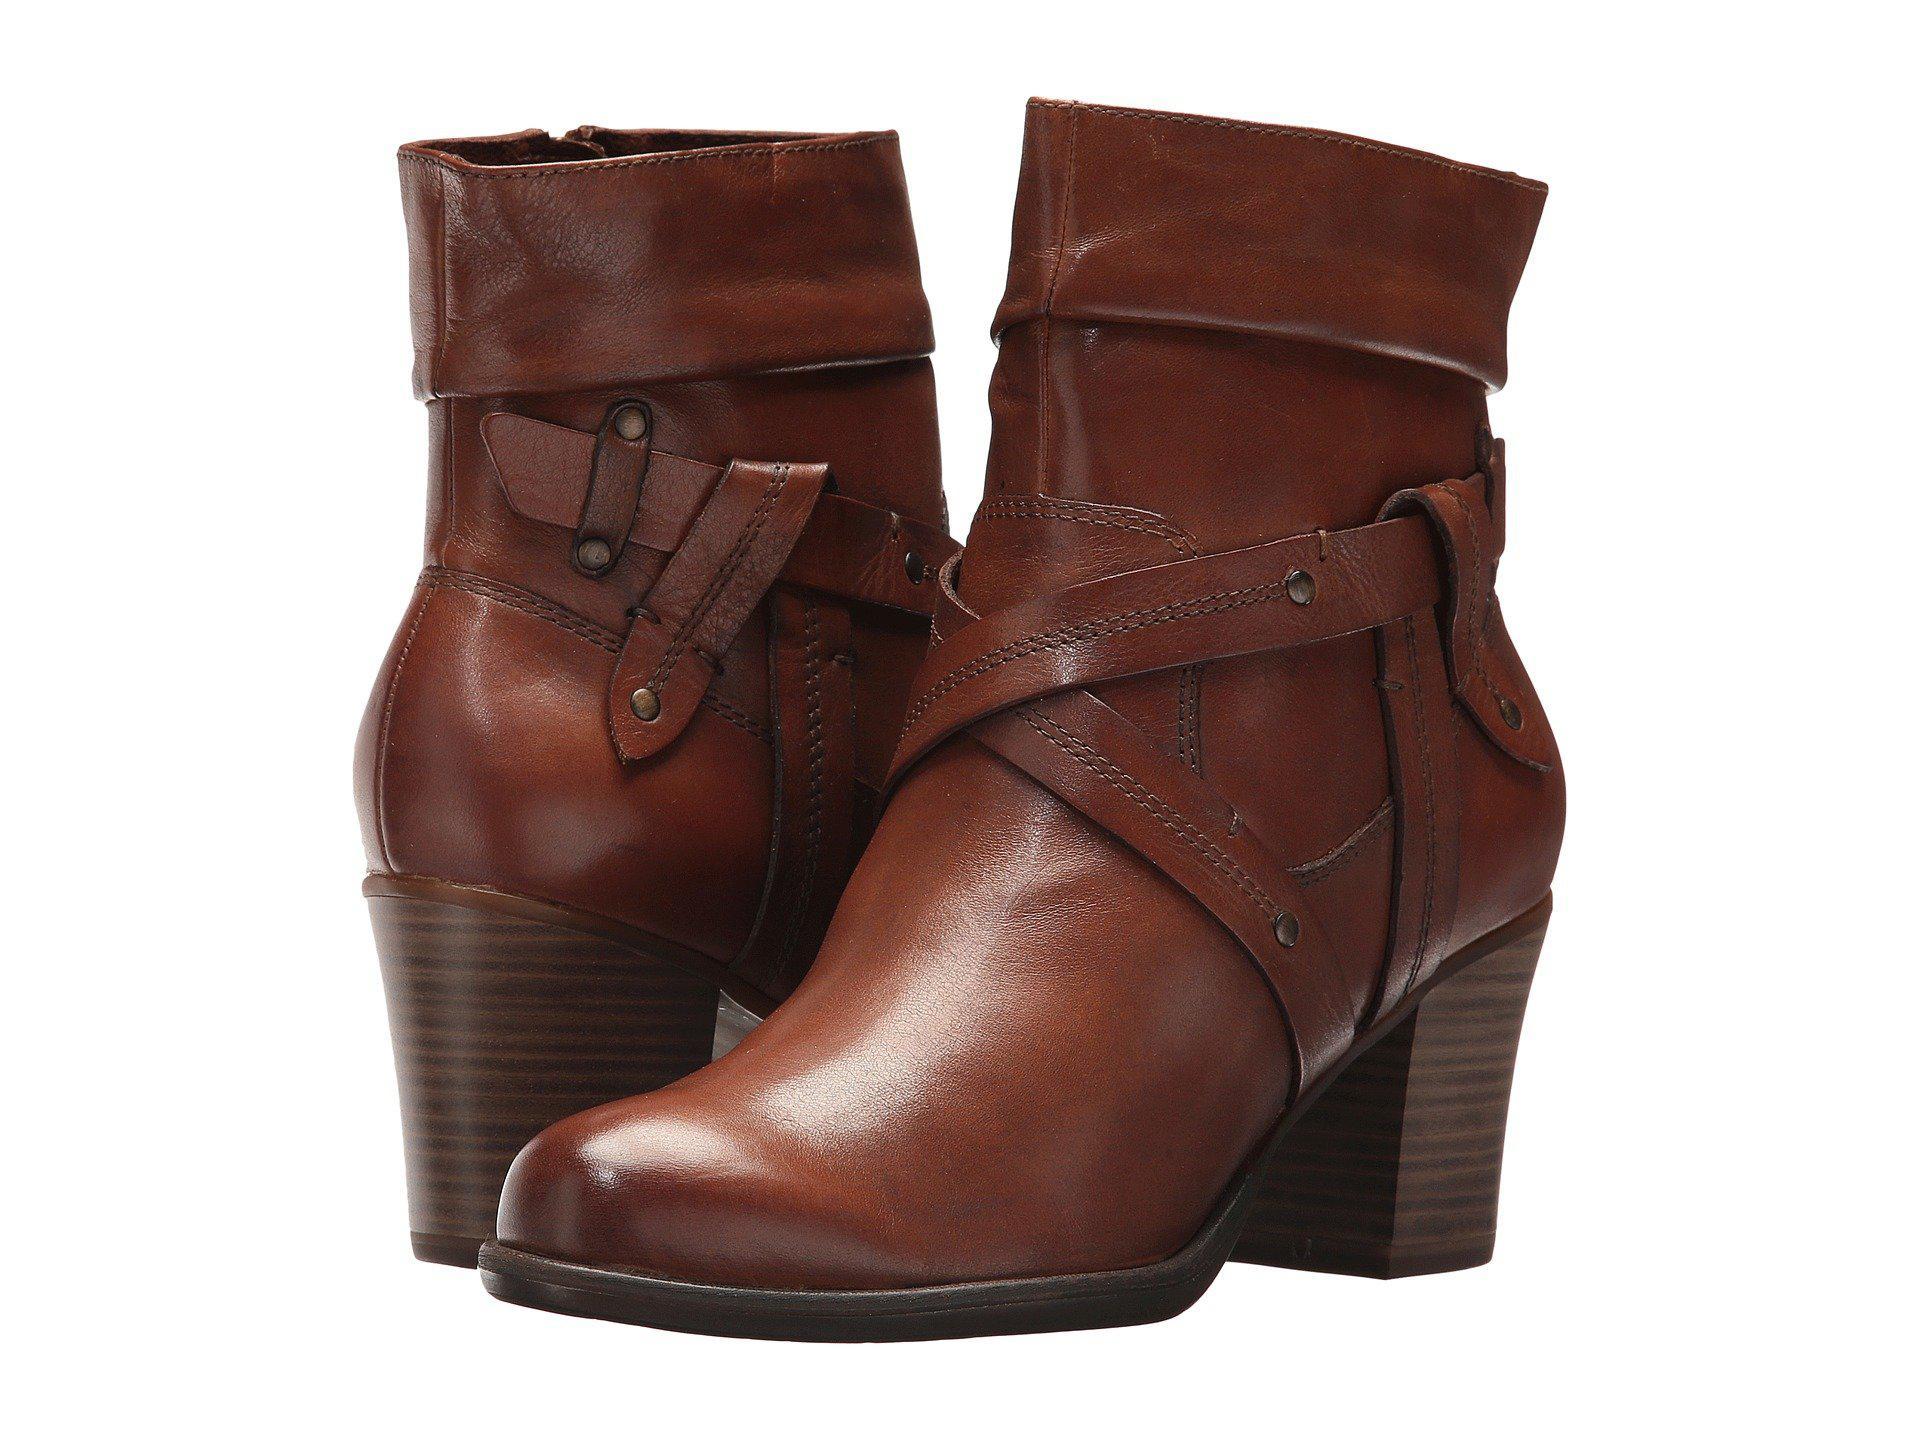 TAMARIS Tamaris Womens Ankle Boot 25337 Nut 40 Calidad superior en línea 2018 Unisex Barato Online Compre Footaction barato 5coJc